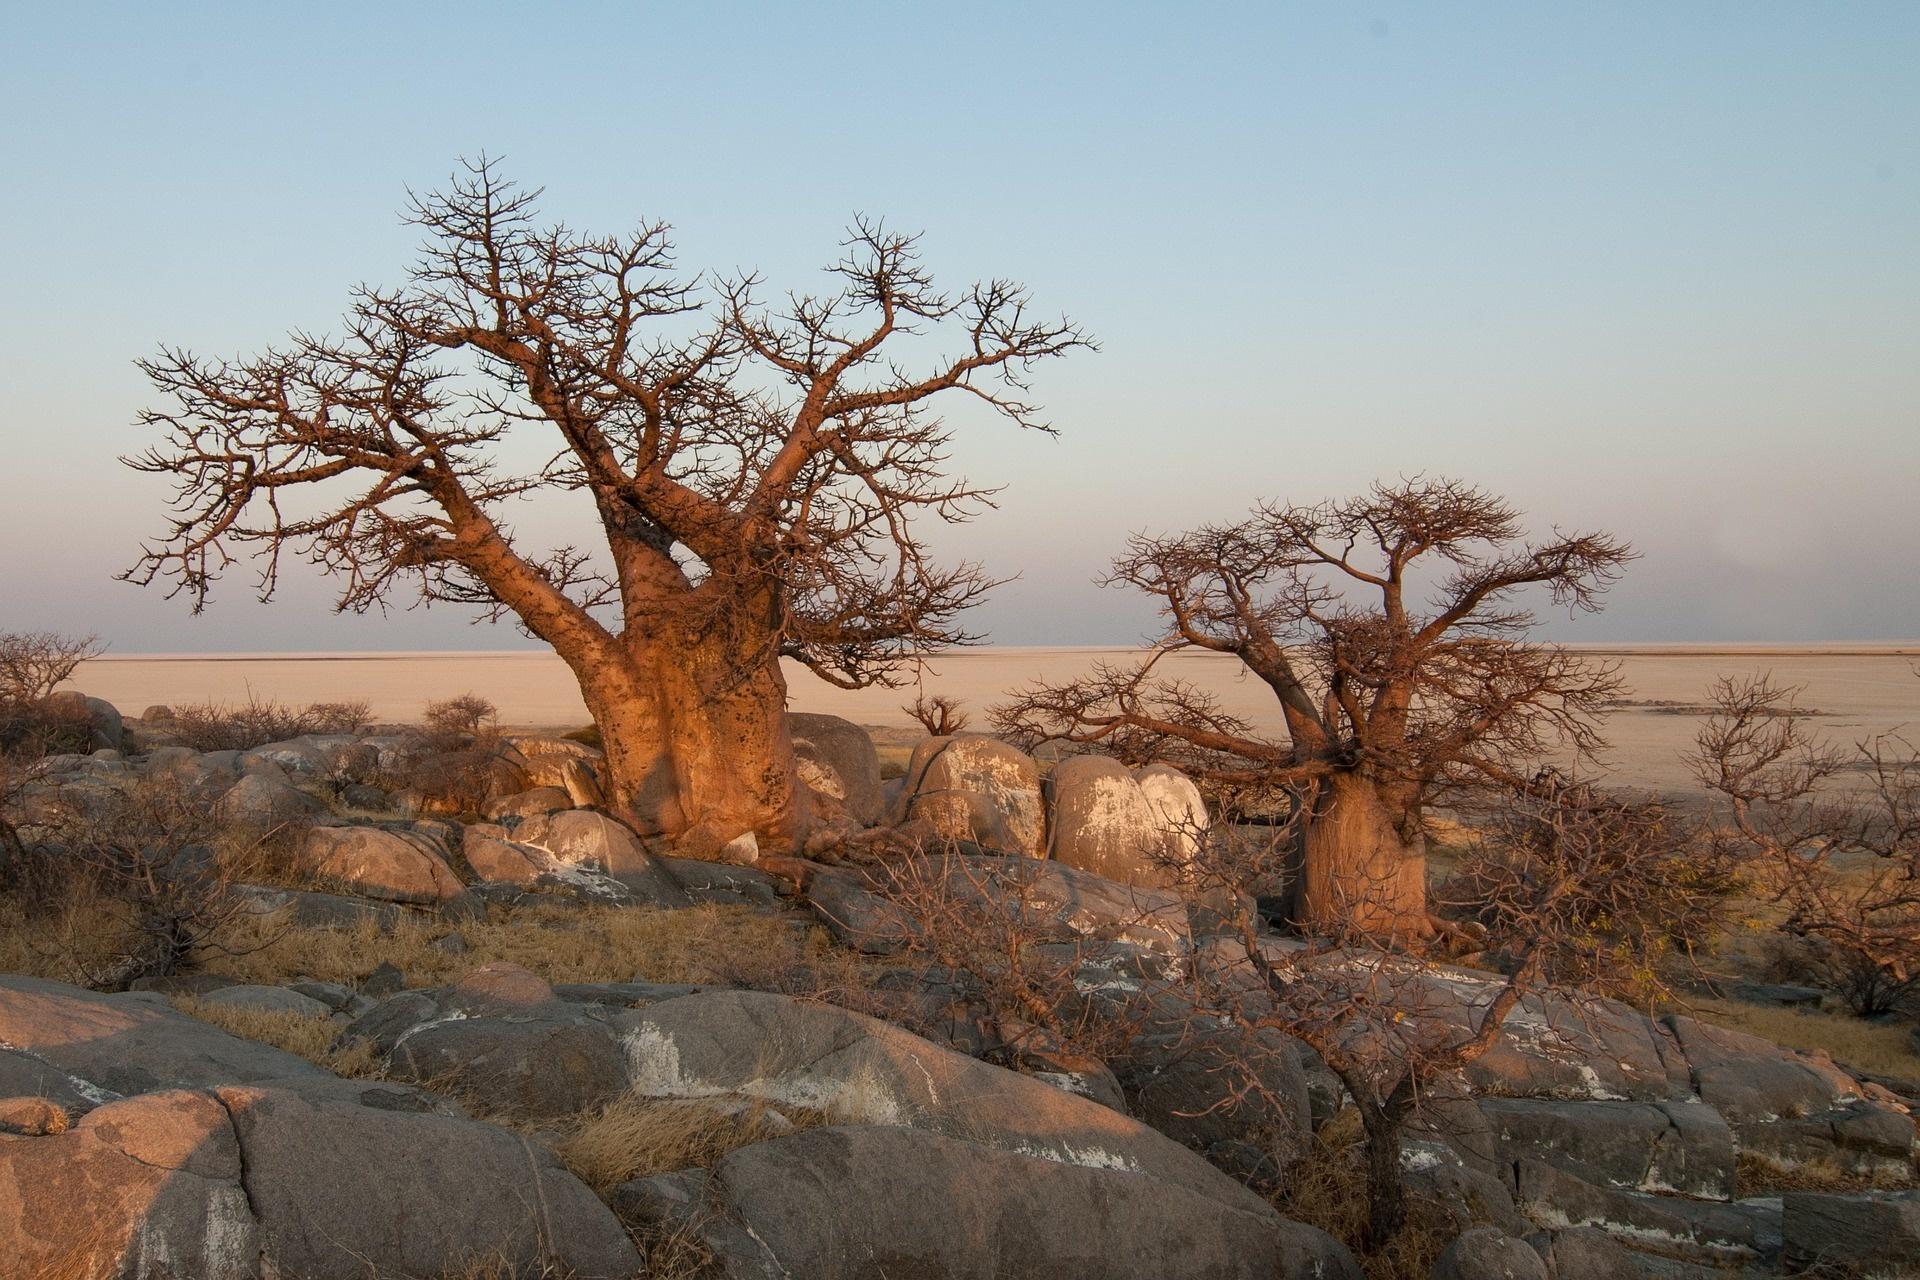 Affenbrotbaum-Baobaböl